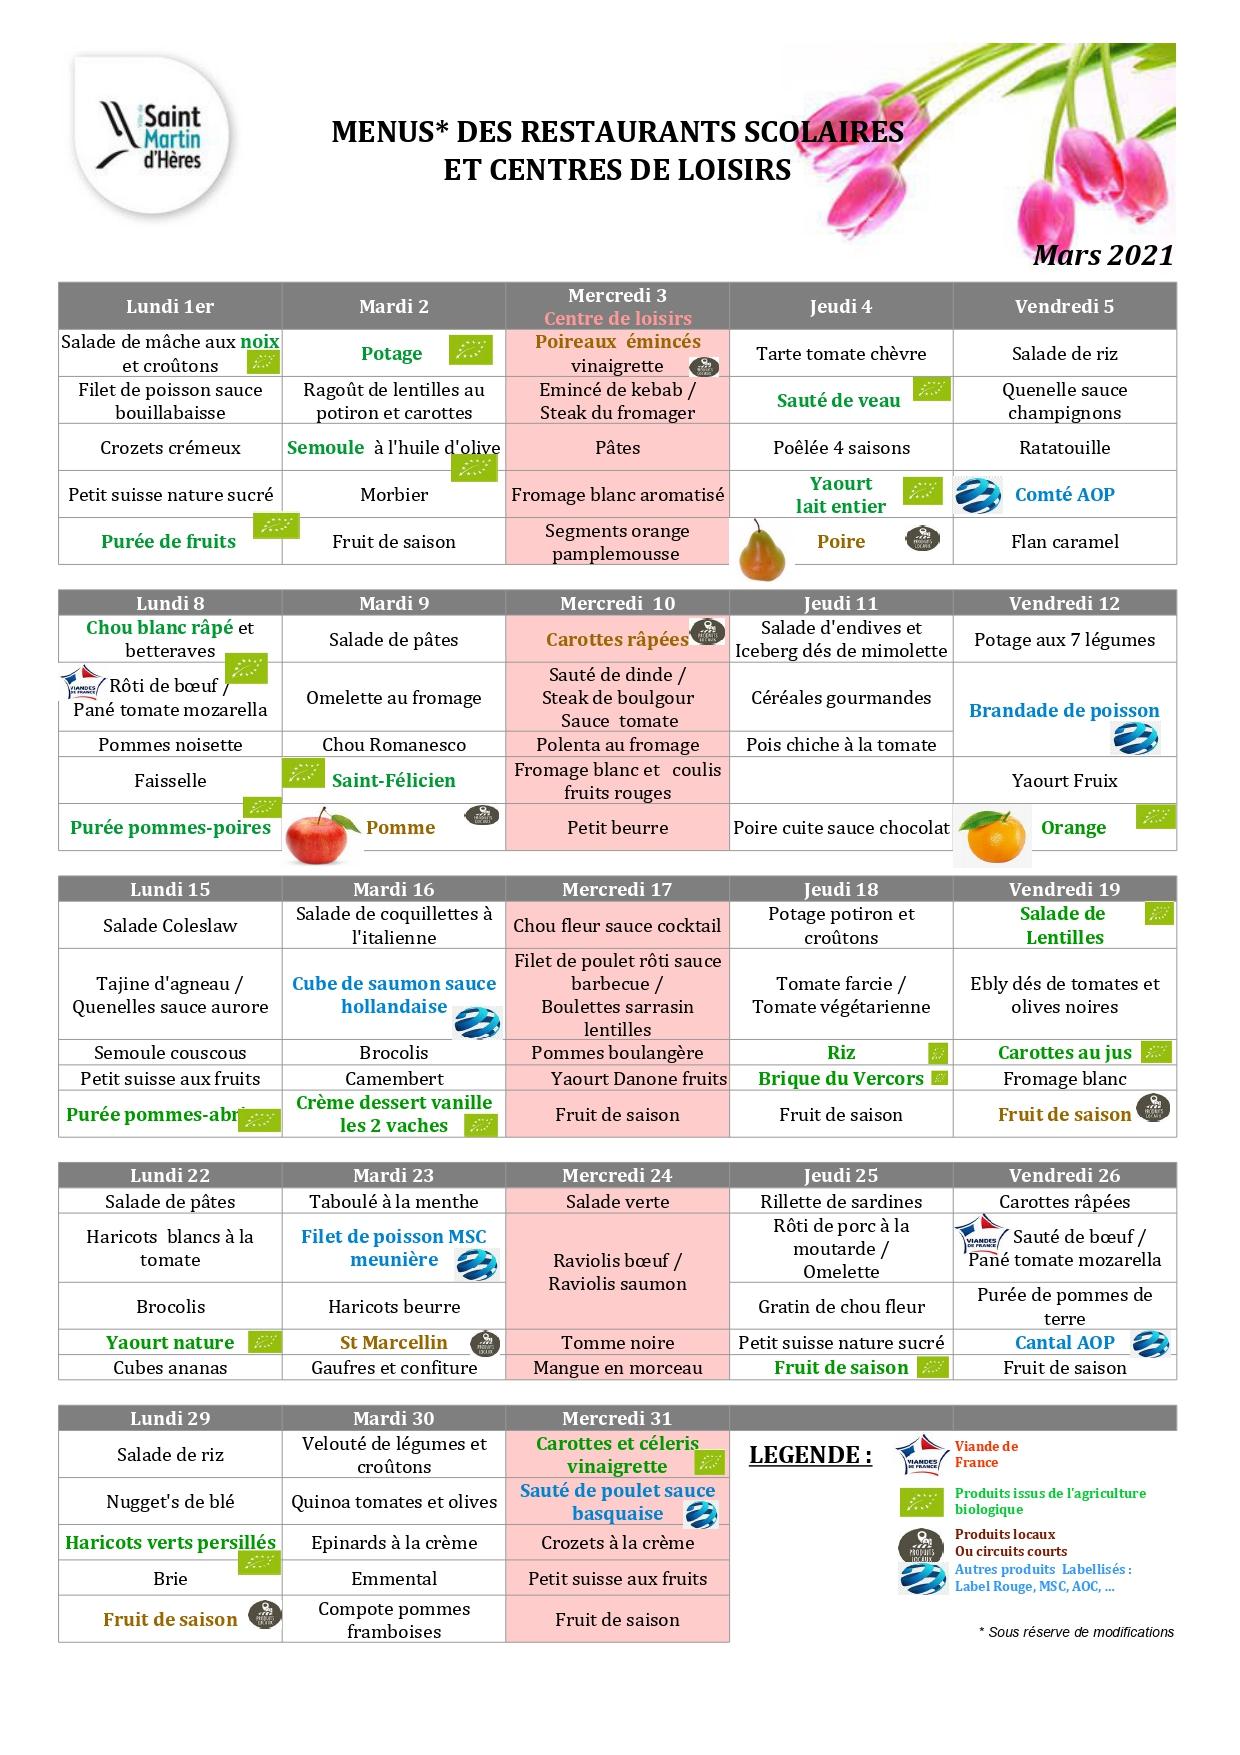 Menus centres de loisirs : Novembre 2020